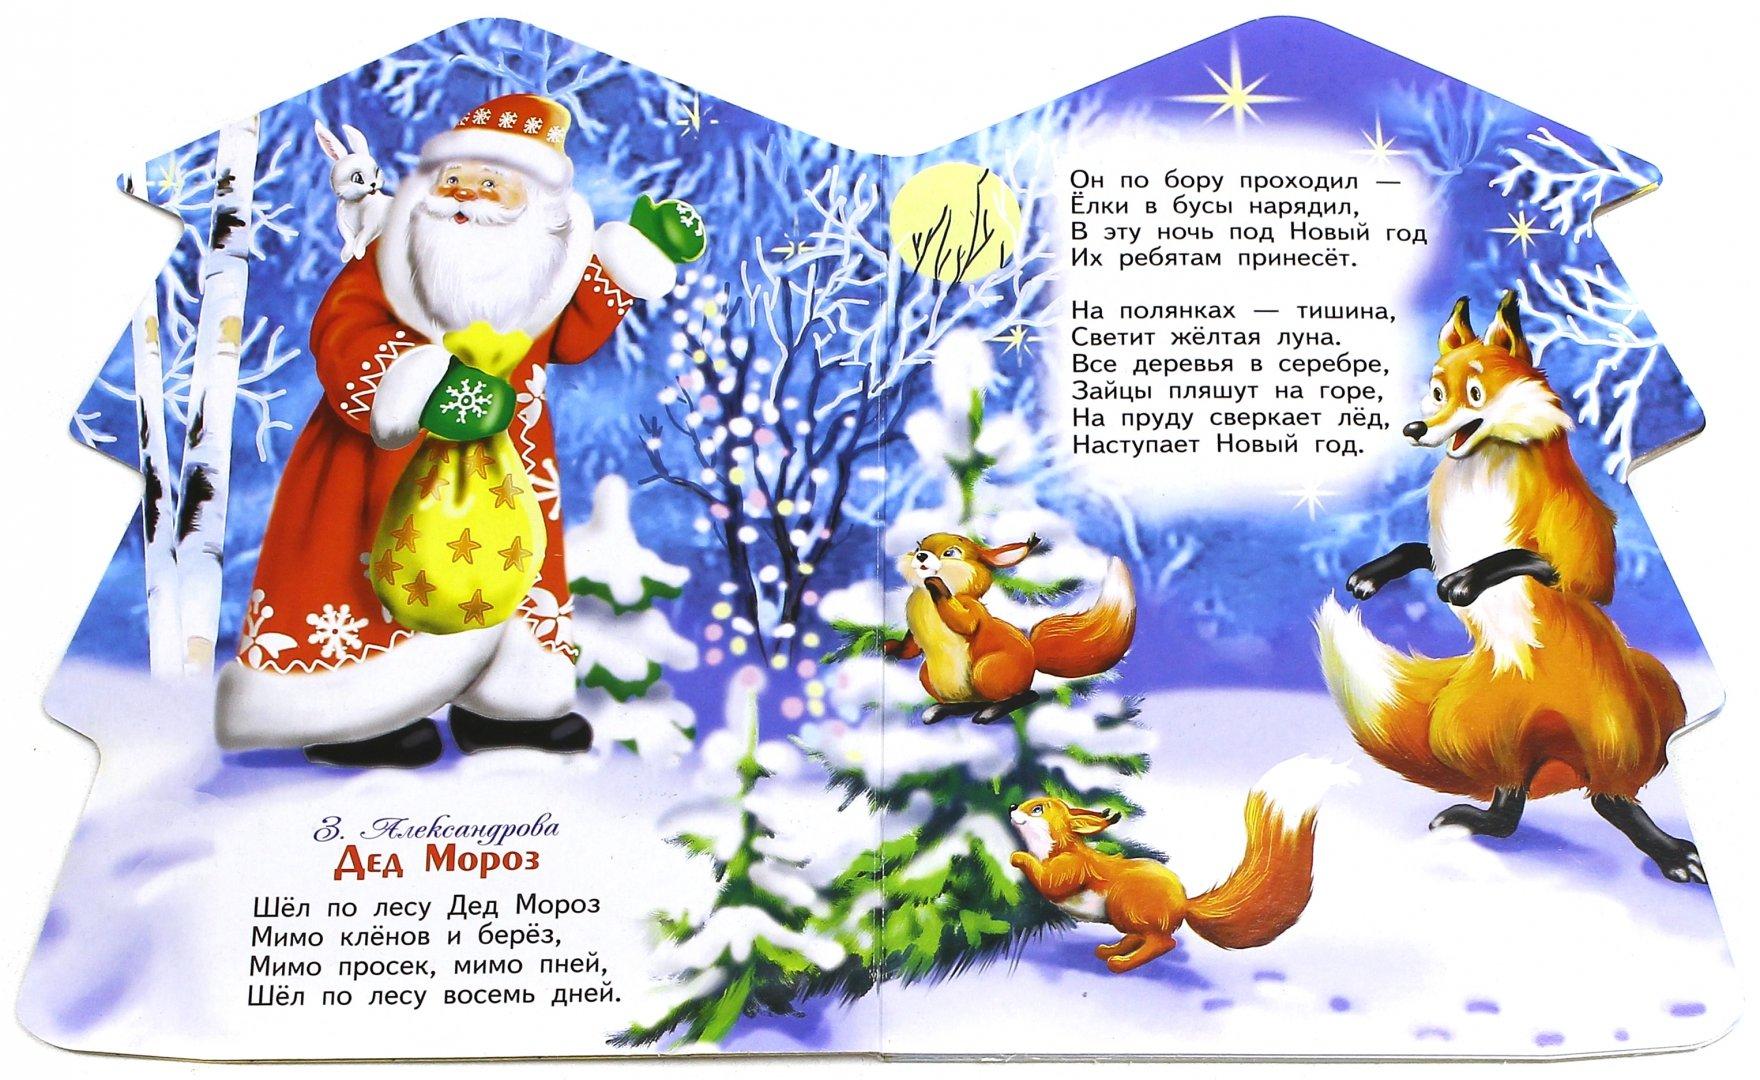 Хорошие стихи на новый год для детей